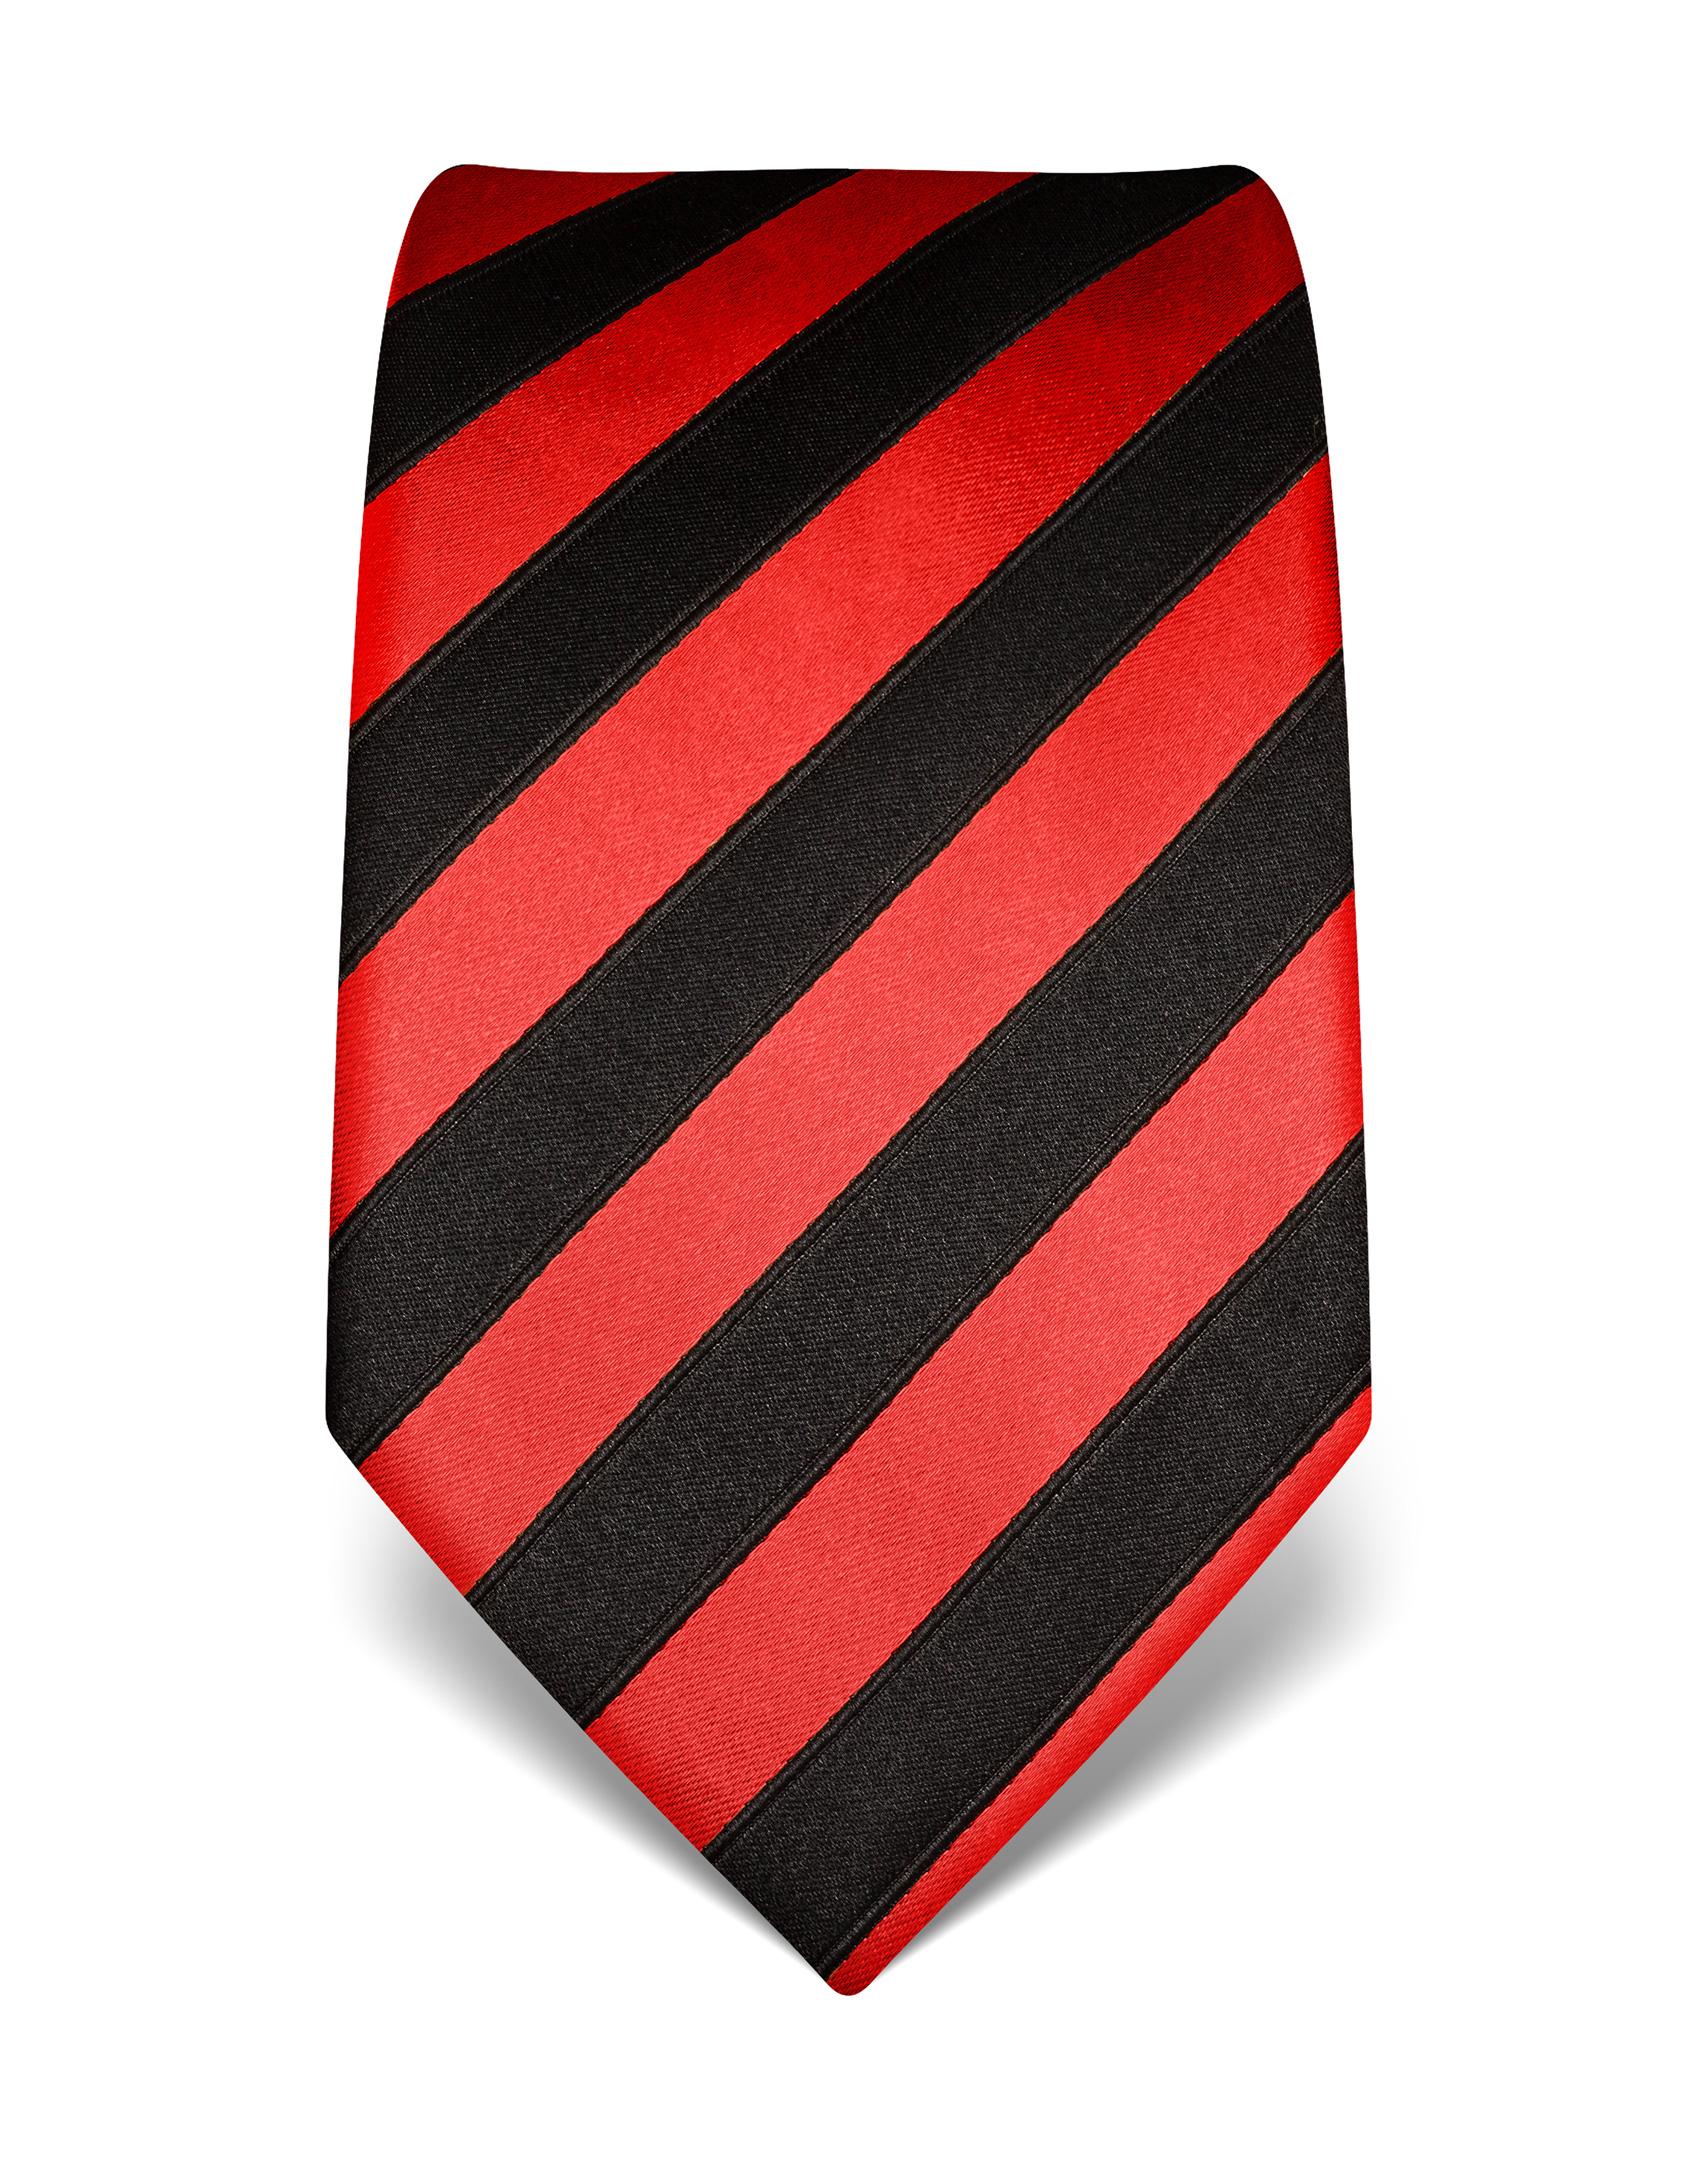 handvern hte krawatte aus seide in rot weiss gestreift. Black Bedroom Furniture Sets. Home Design Ideas